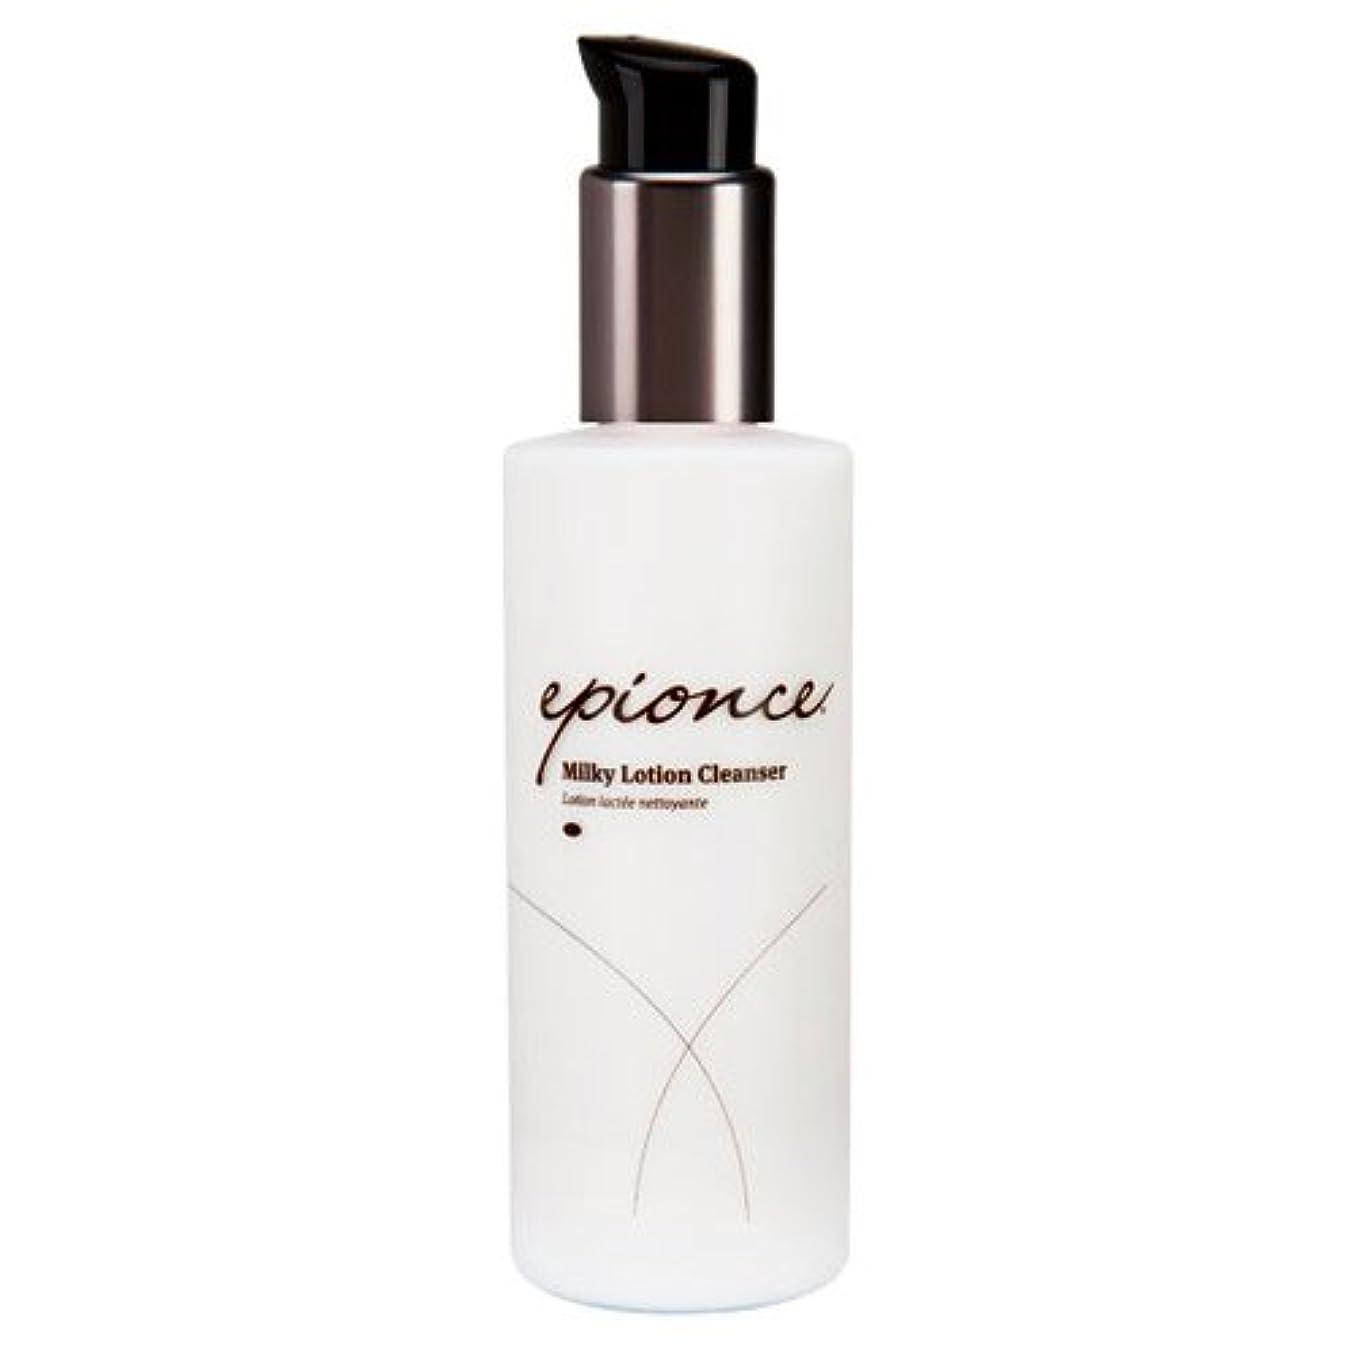 大量エレクトロニック尽きるEpionce Milky Lotion Cleanser - For Dry/Sensitive to Normal Skin 170ml/6oz並行輸入品